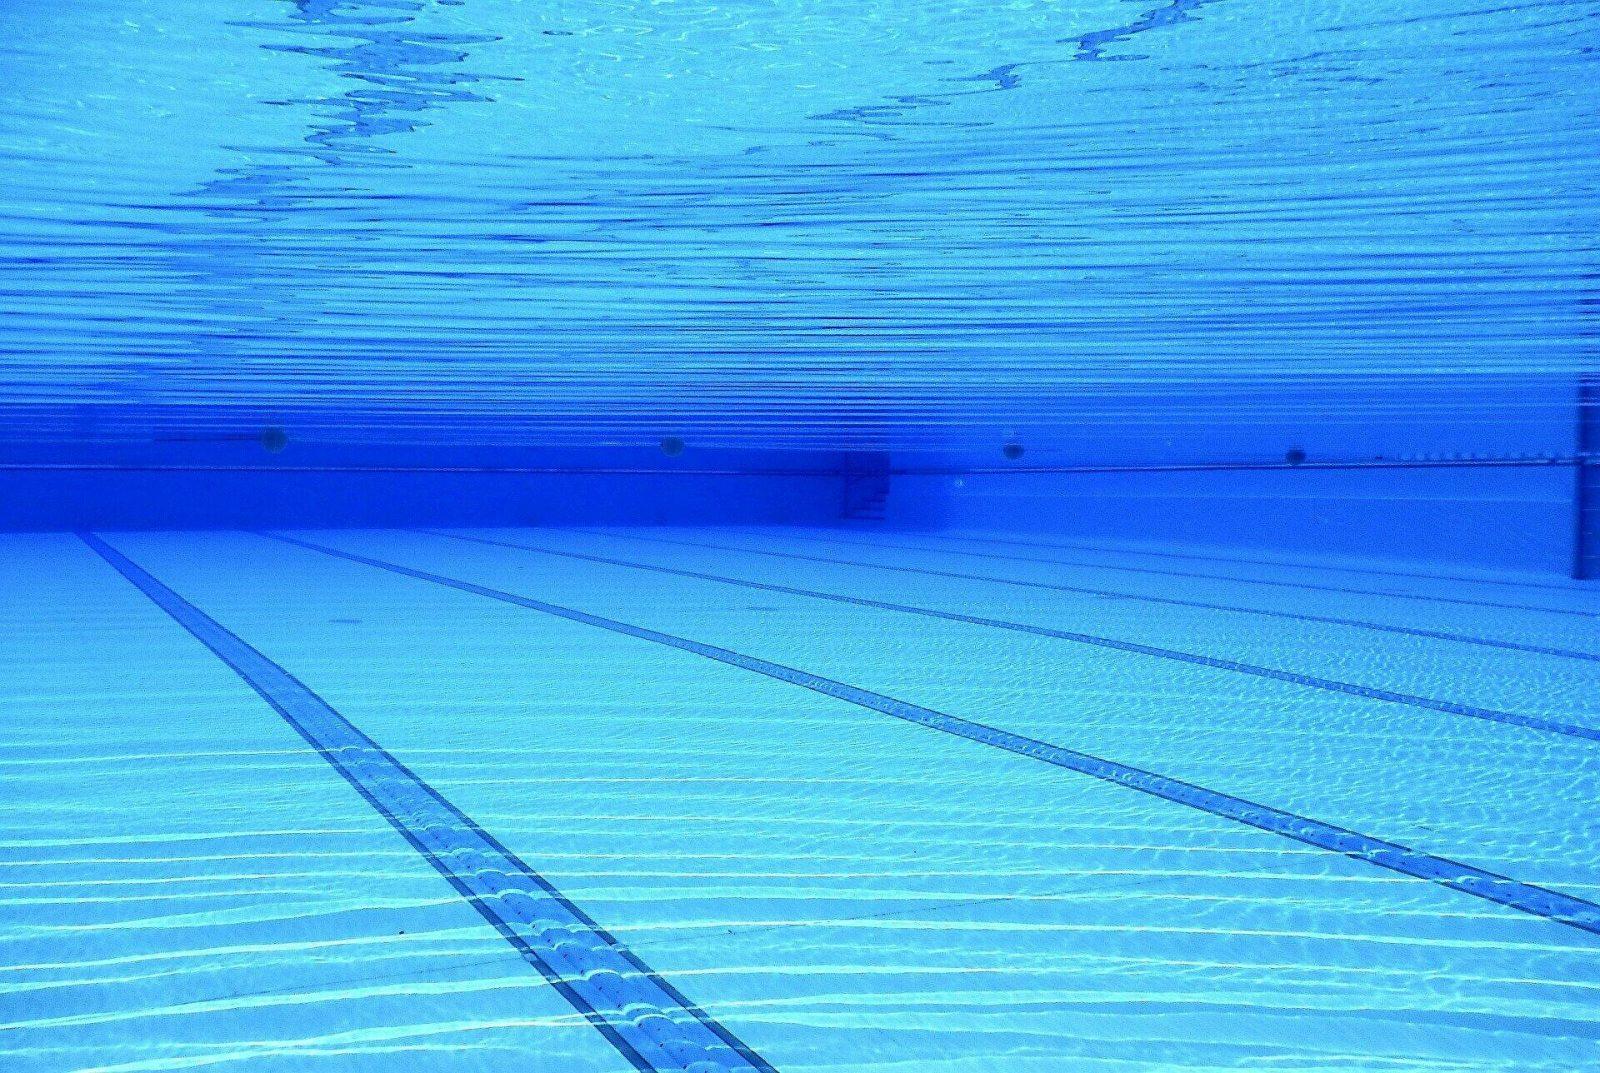 Панихида-без-тела:-один-премьер-министр-пошел-купаться-в-море…